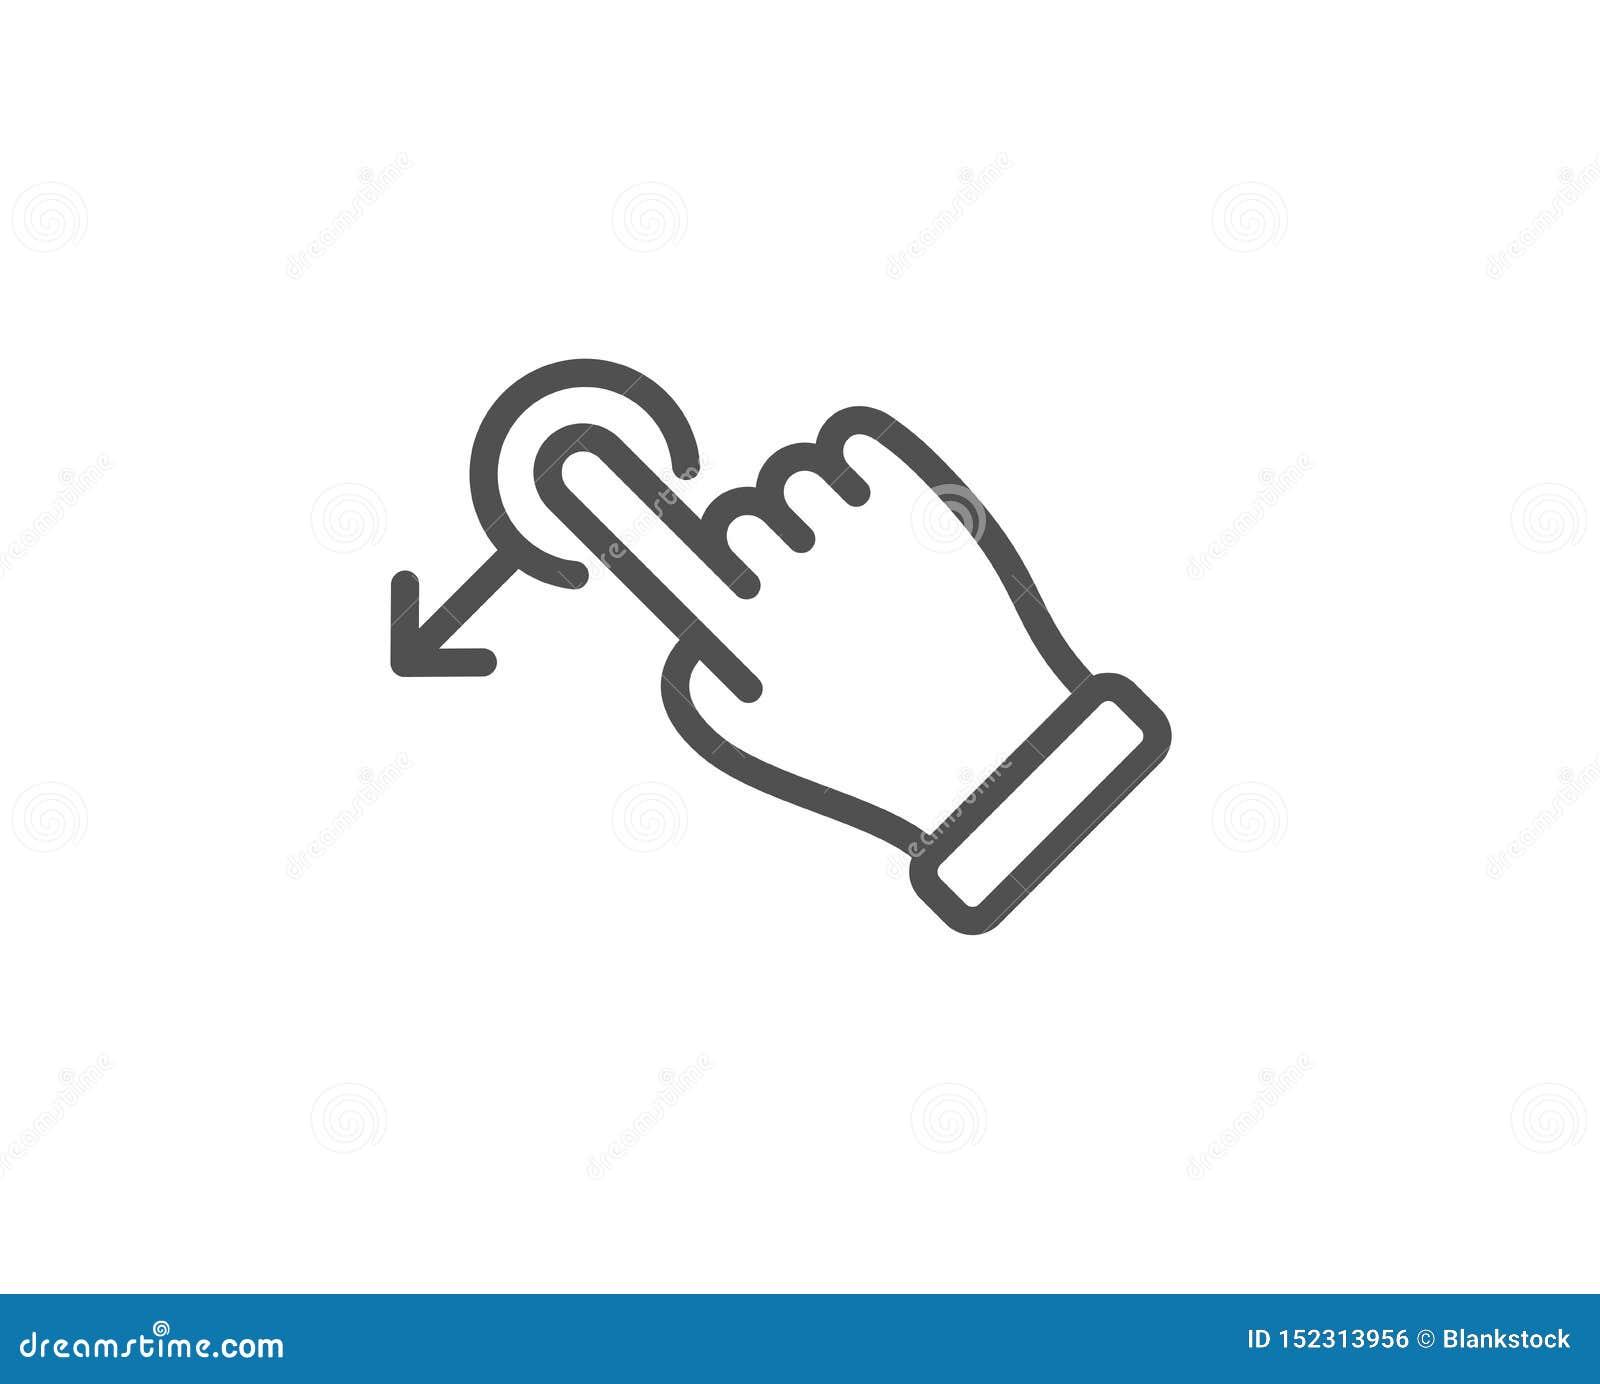 Ligne icône de geste de baisse d entrave Signe de fl?che de glissi?re Action de grand coup Vecteur